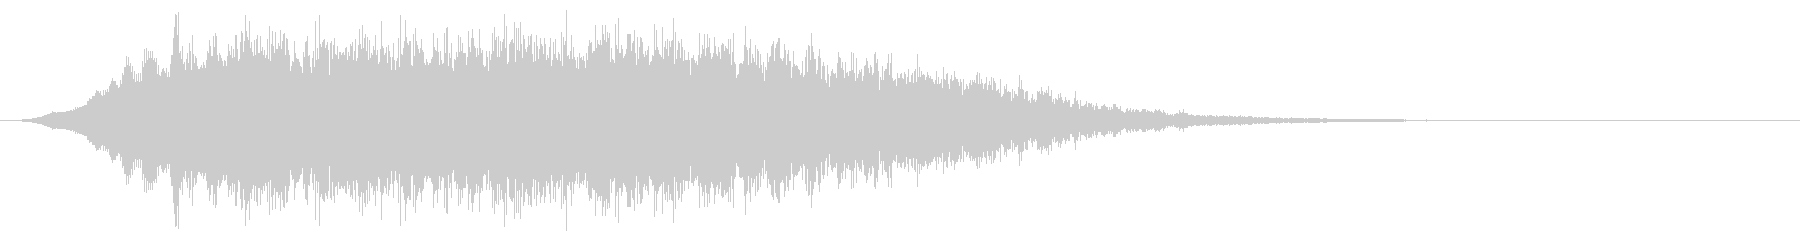 アイキャッチ 46の未再生の波形